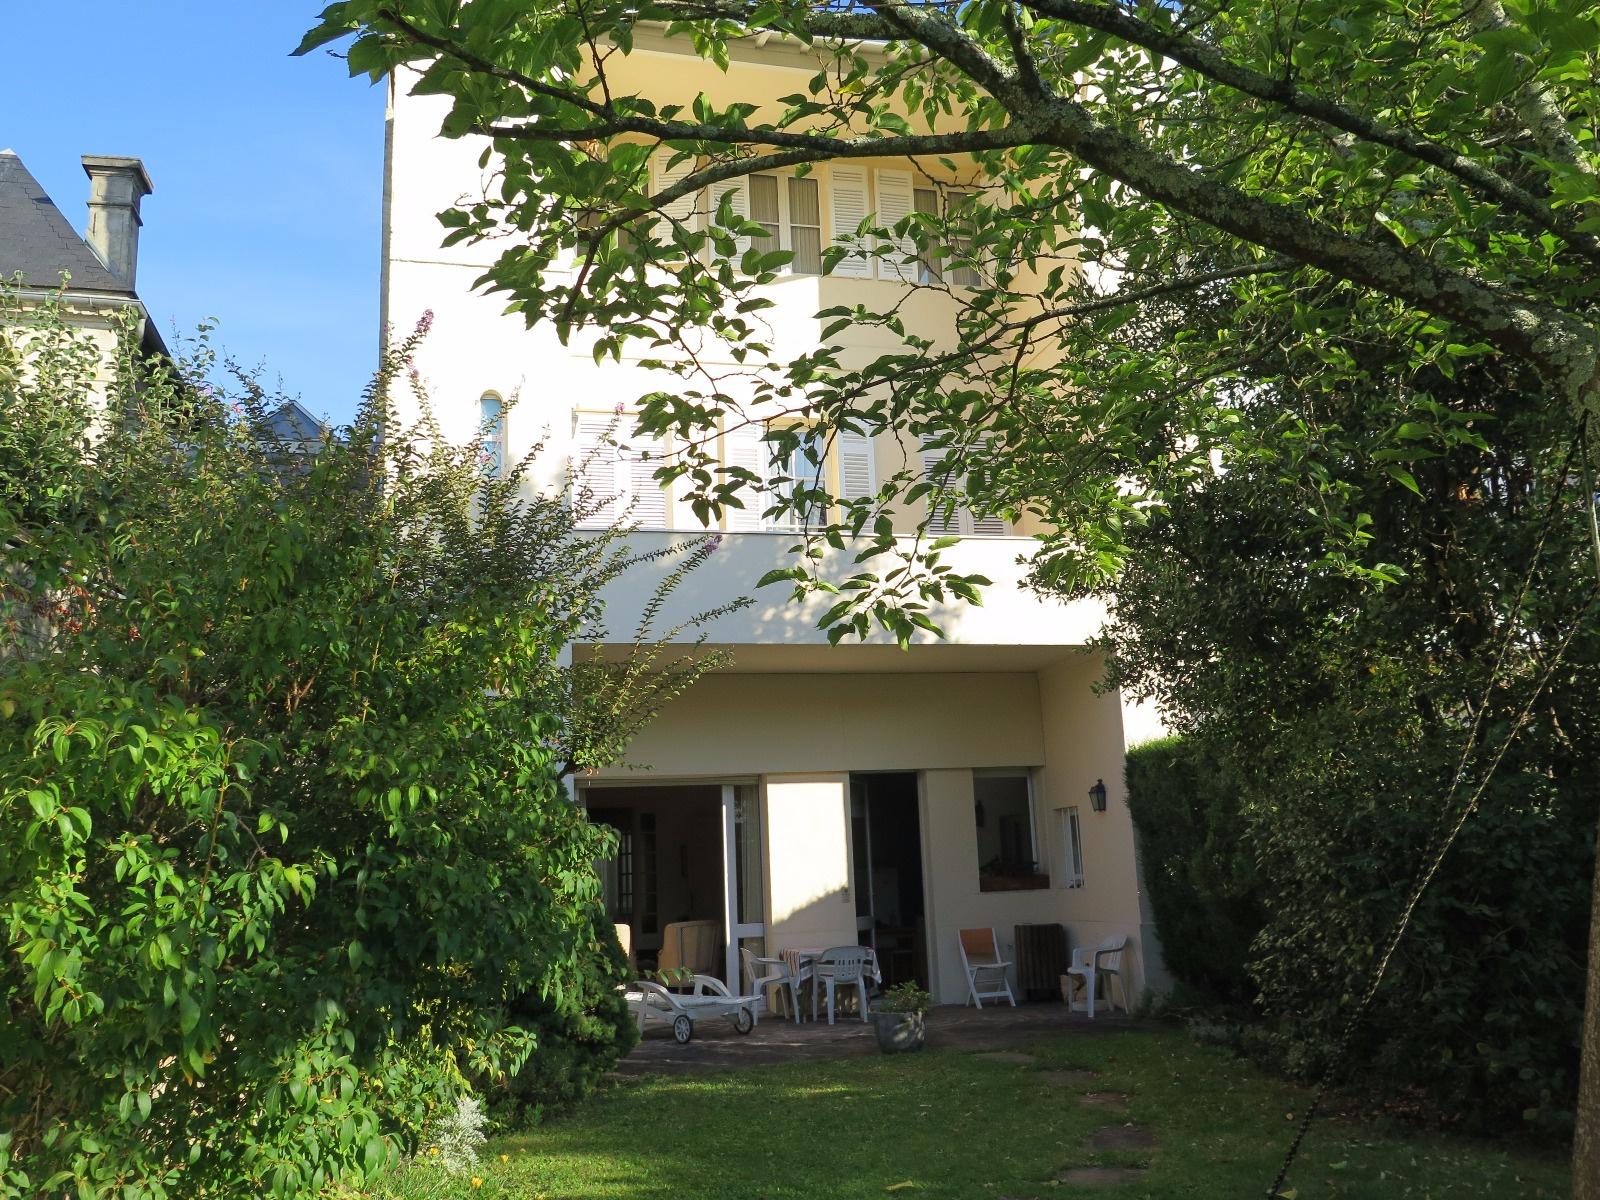 Vente belle maison bourgeoise avec jardin et garage bordeaux saint seurin - Jardin paysager prix bordeaux ...